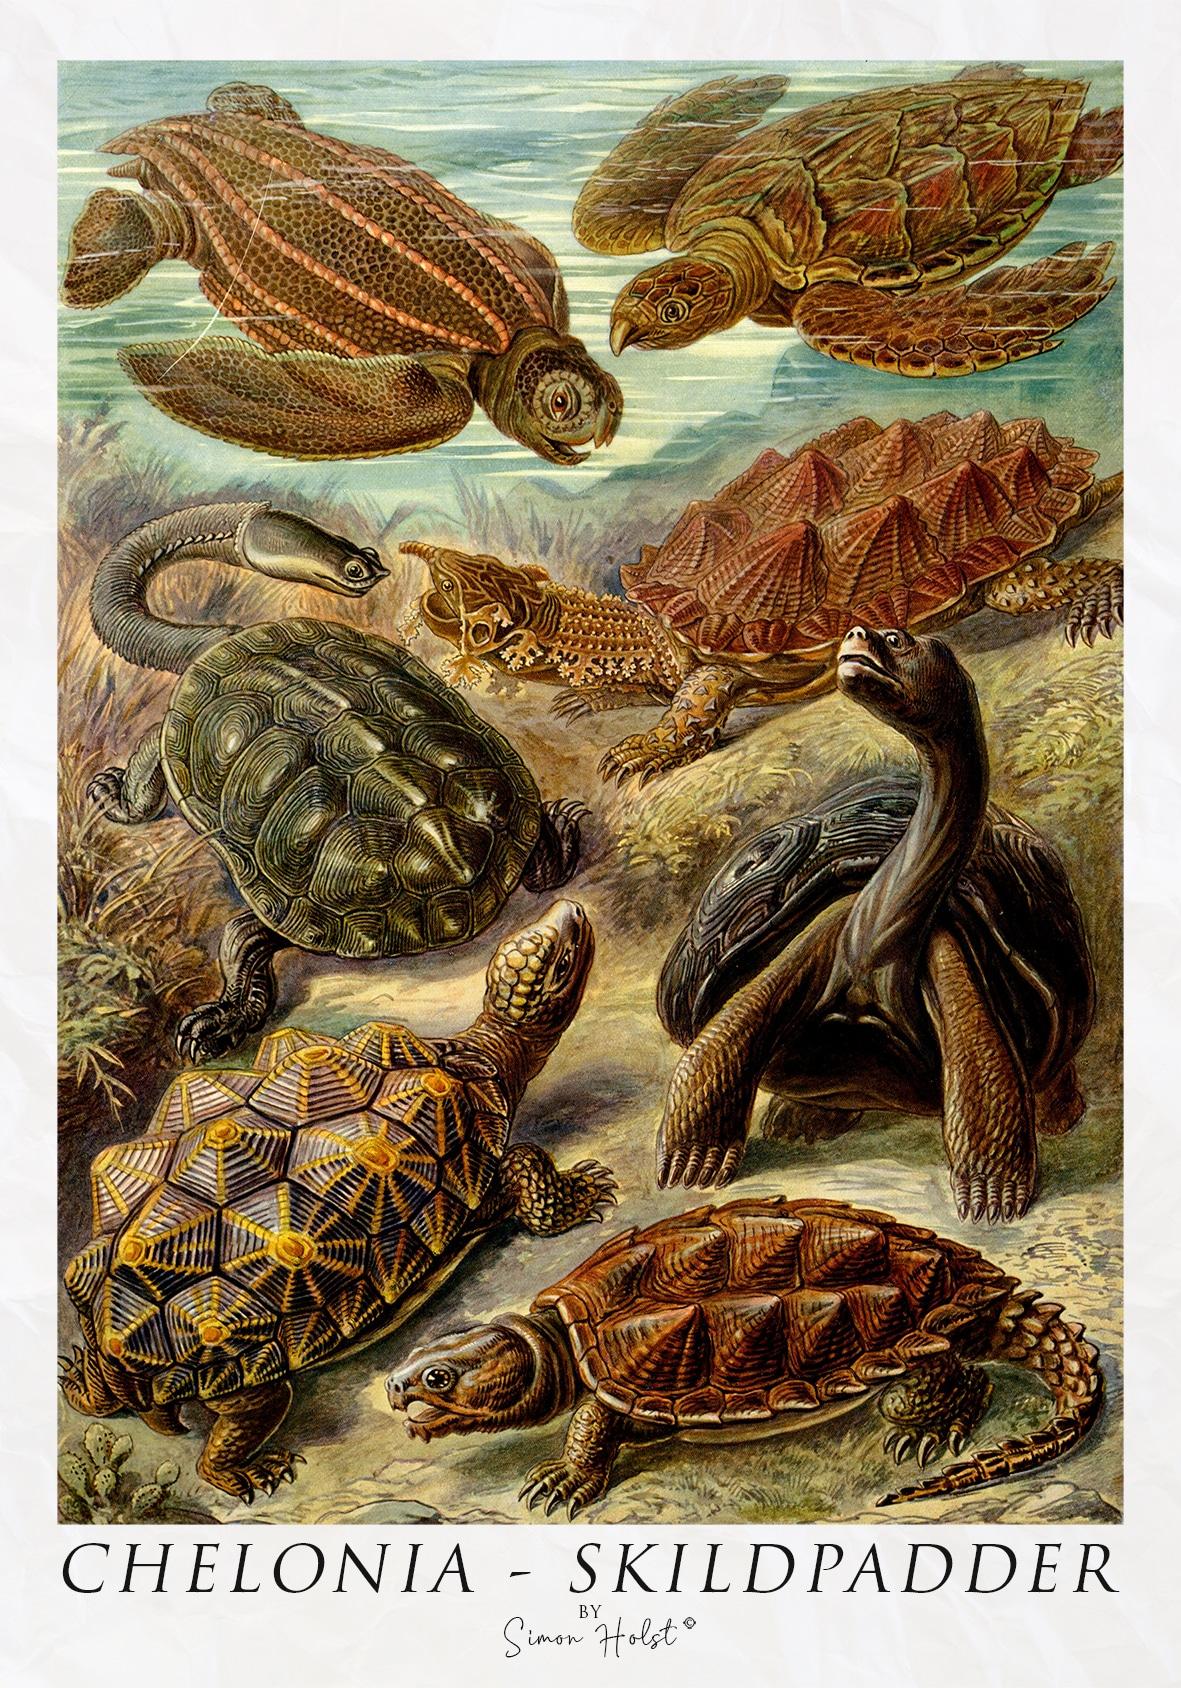 Chelonia - Skildpadder - Plakat